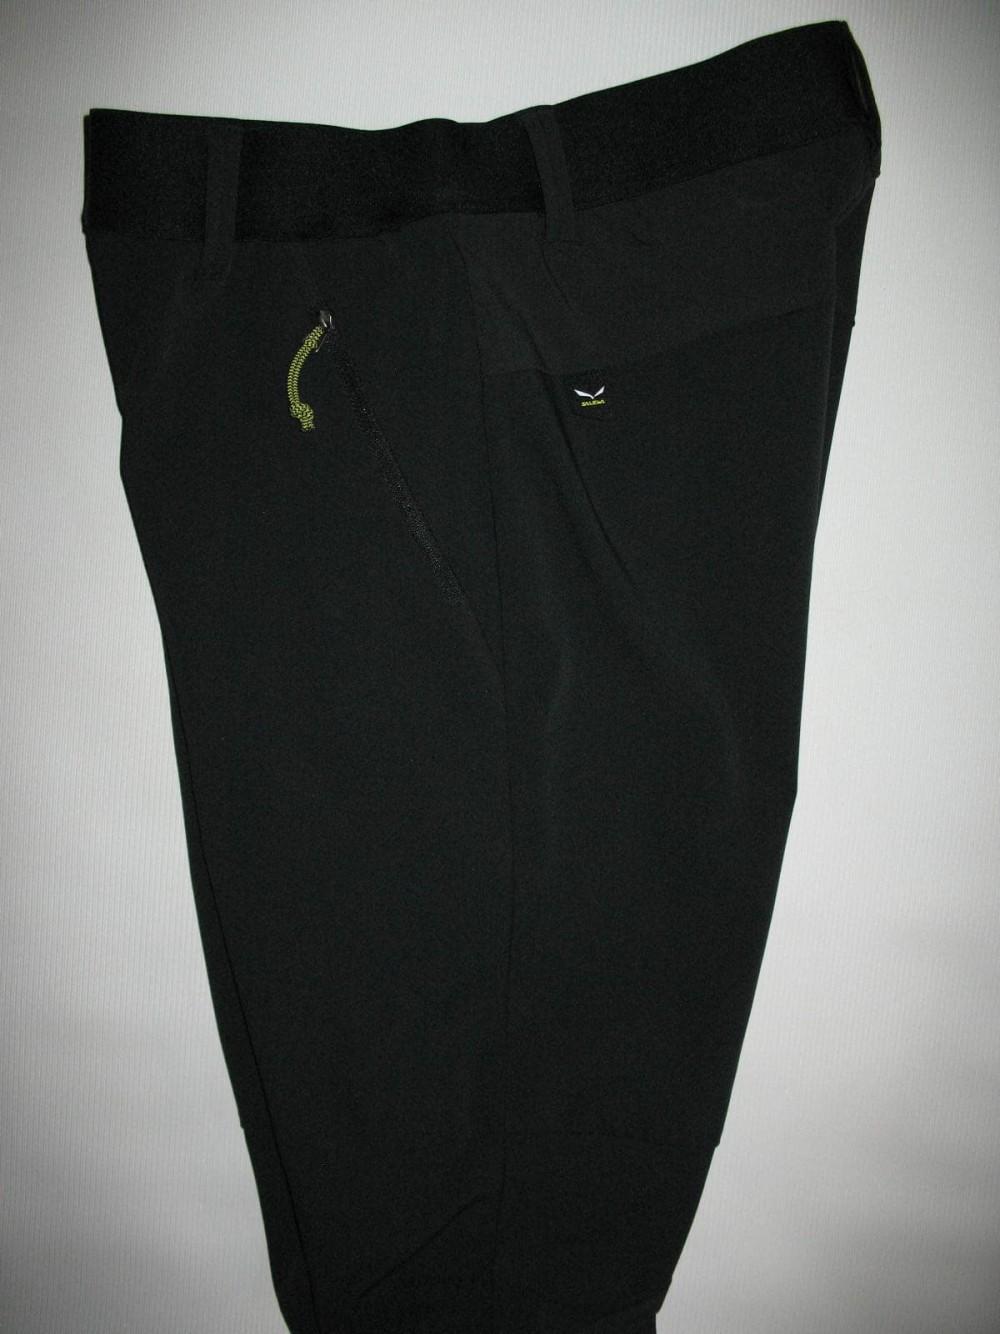 Штаны SALEWA pedroc pants lady (размер 36/S) - 4